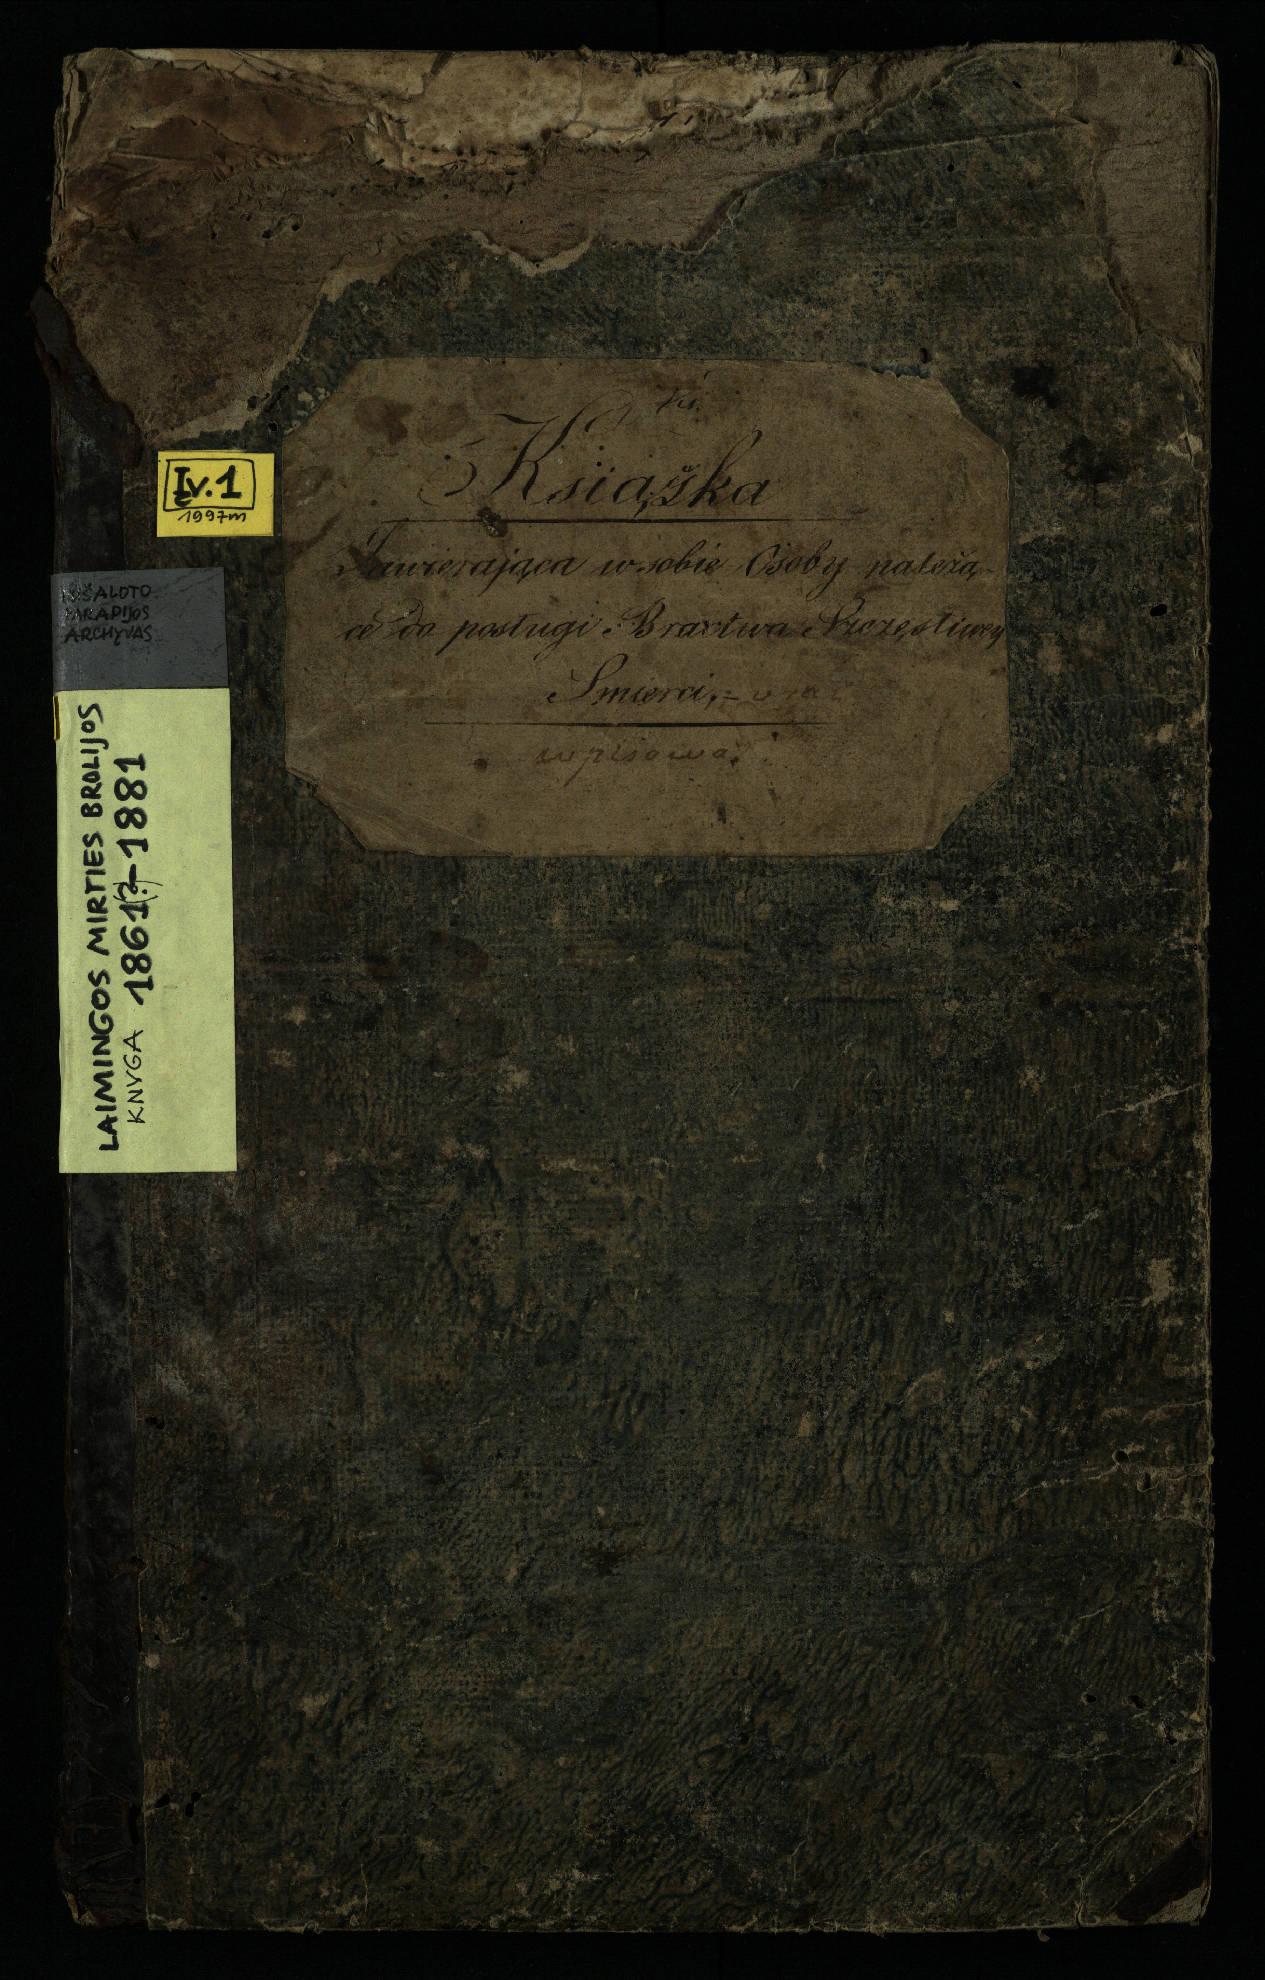 Pušaloto Romos katalikų parapijos bažnyčios 1861–1881 metų laimingos mirties brolijos metrikų knyga